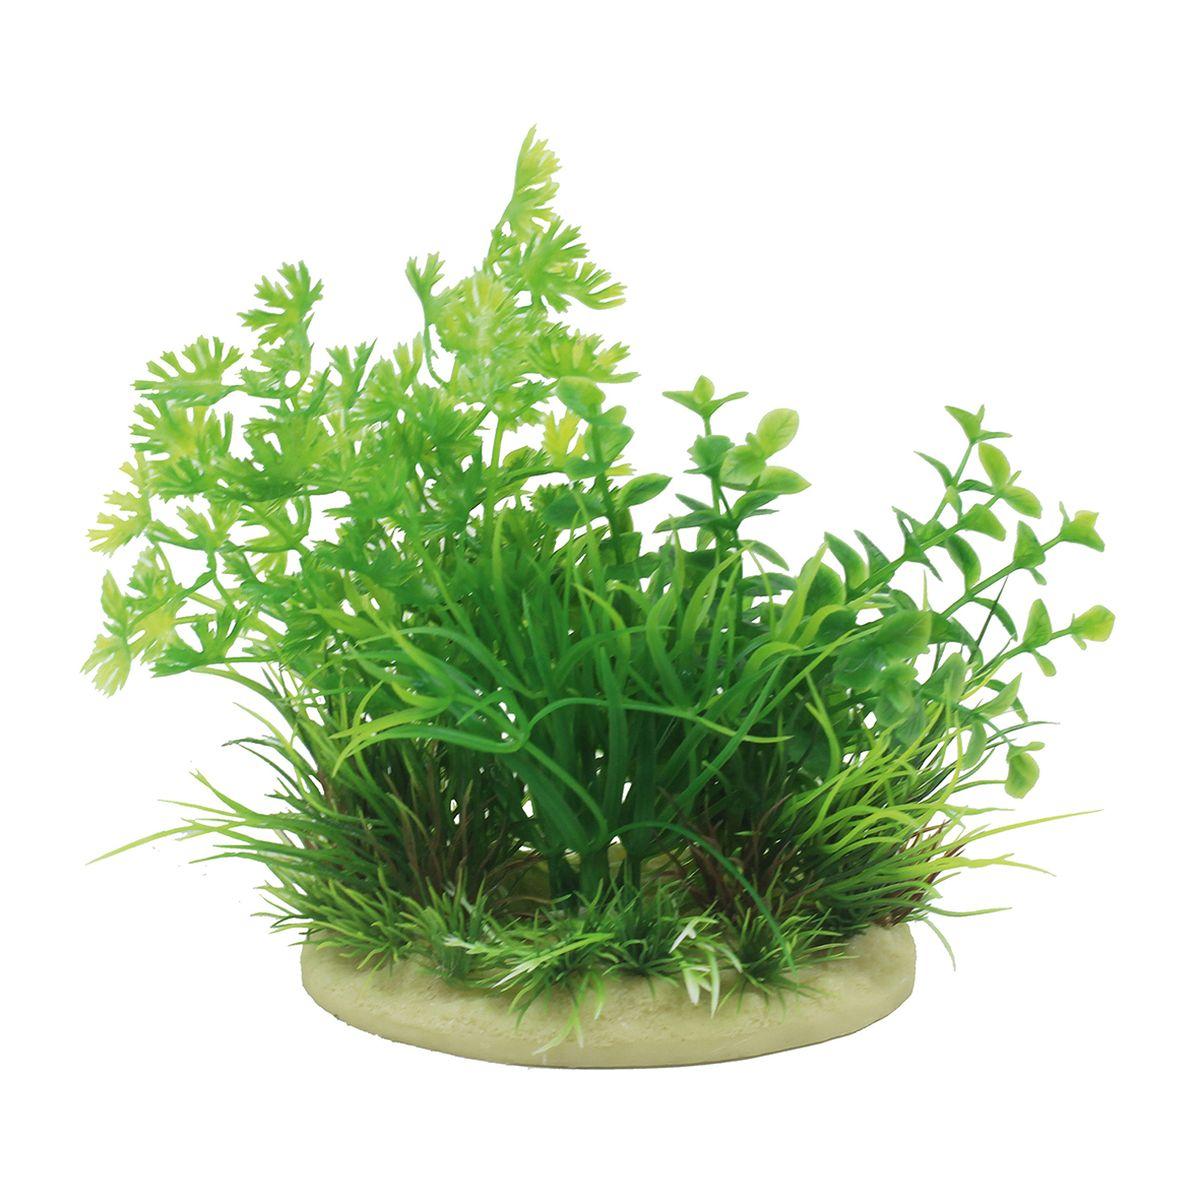 Растение для аквариума ArtUniq Лютик водный, высота 15 см. ART-11601160120710Композиция из искусственных растений ArtUniq превосходно украсит и оживит аквариум.Растения - это важная часть любой композиции, они помогут вдохнуть жизнь в ландшафт любого аквариума или террариума. А их сходствос природными порадует даже самых взыскательных ценителей.